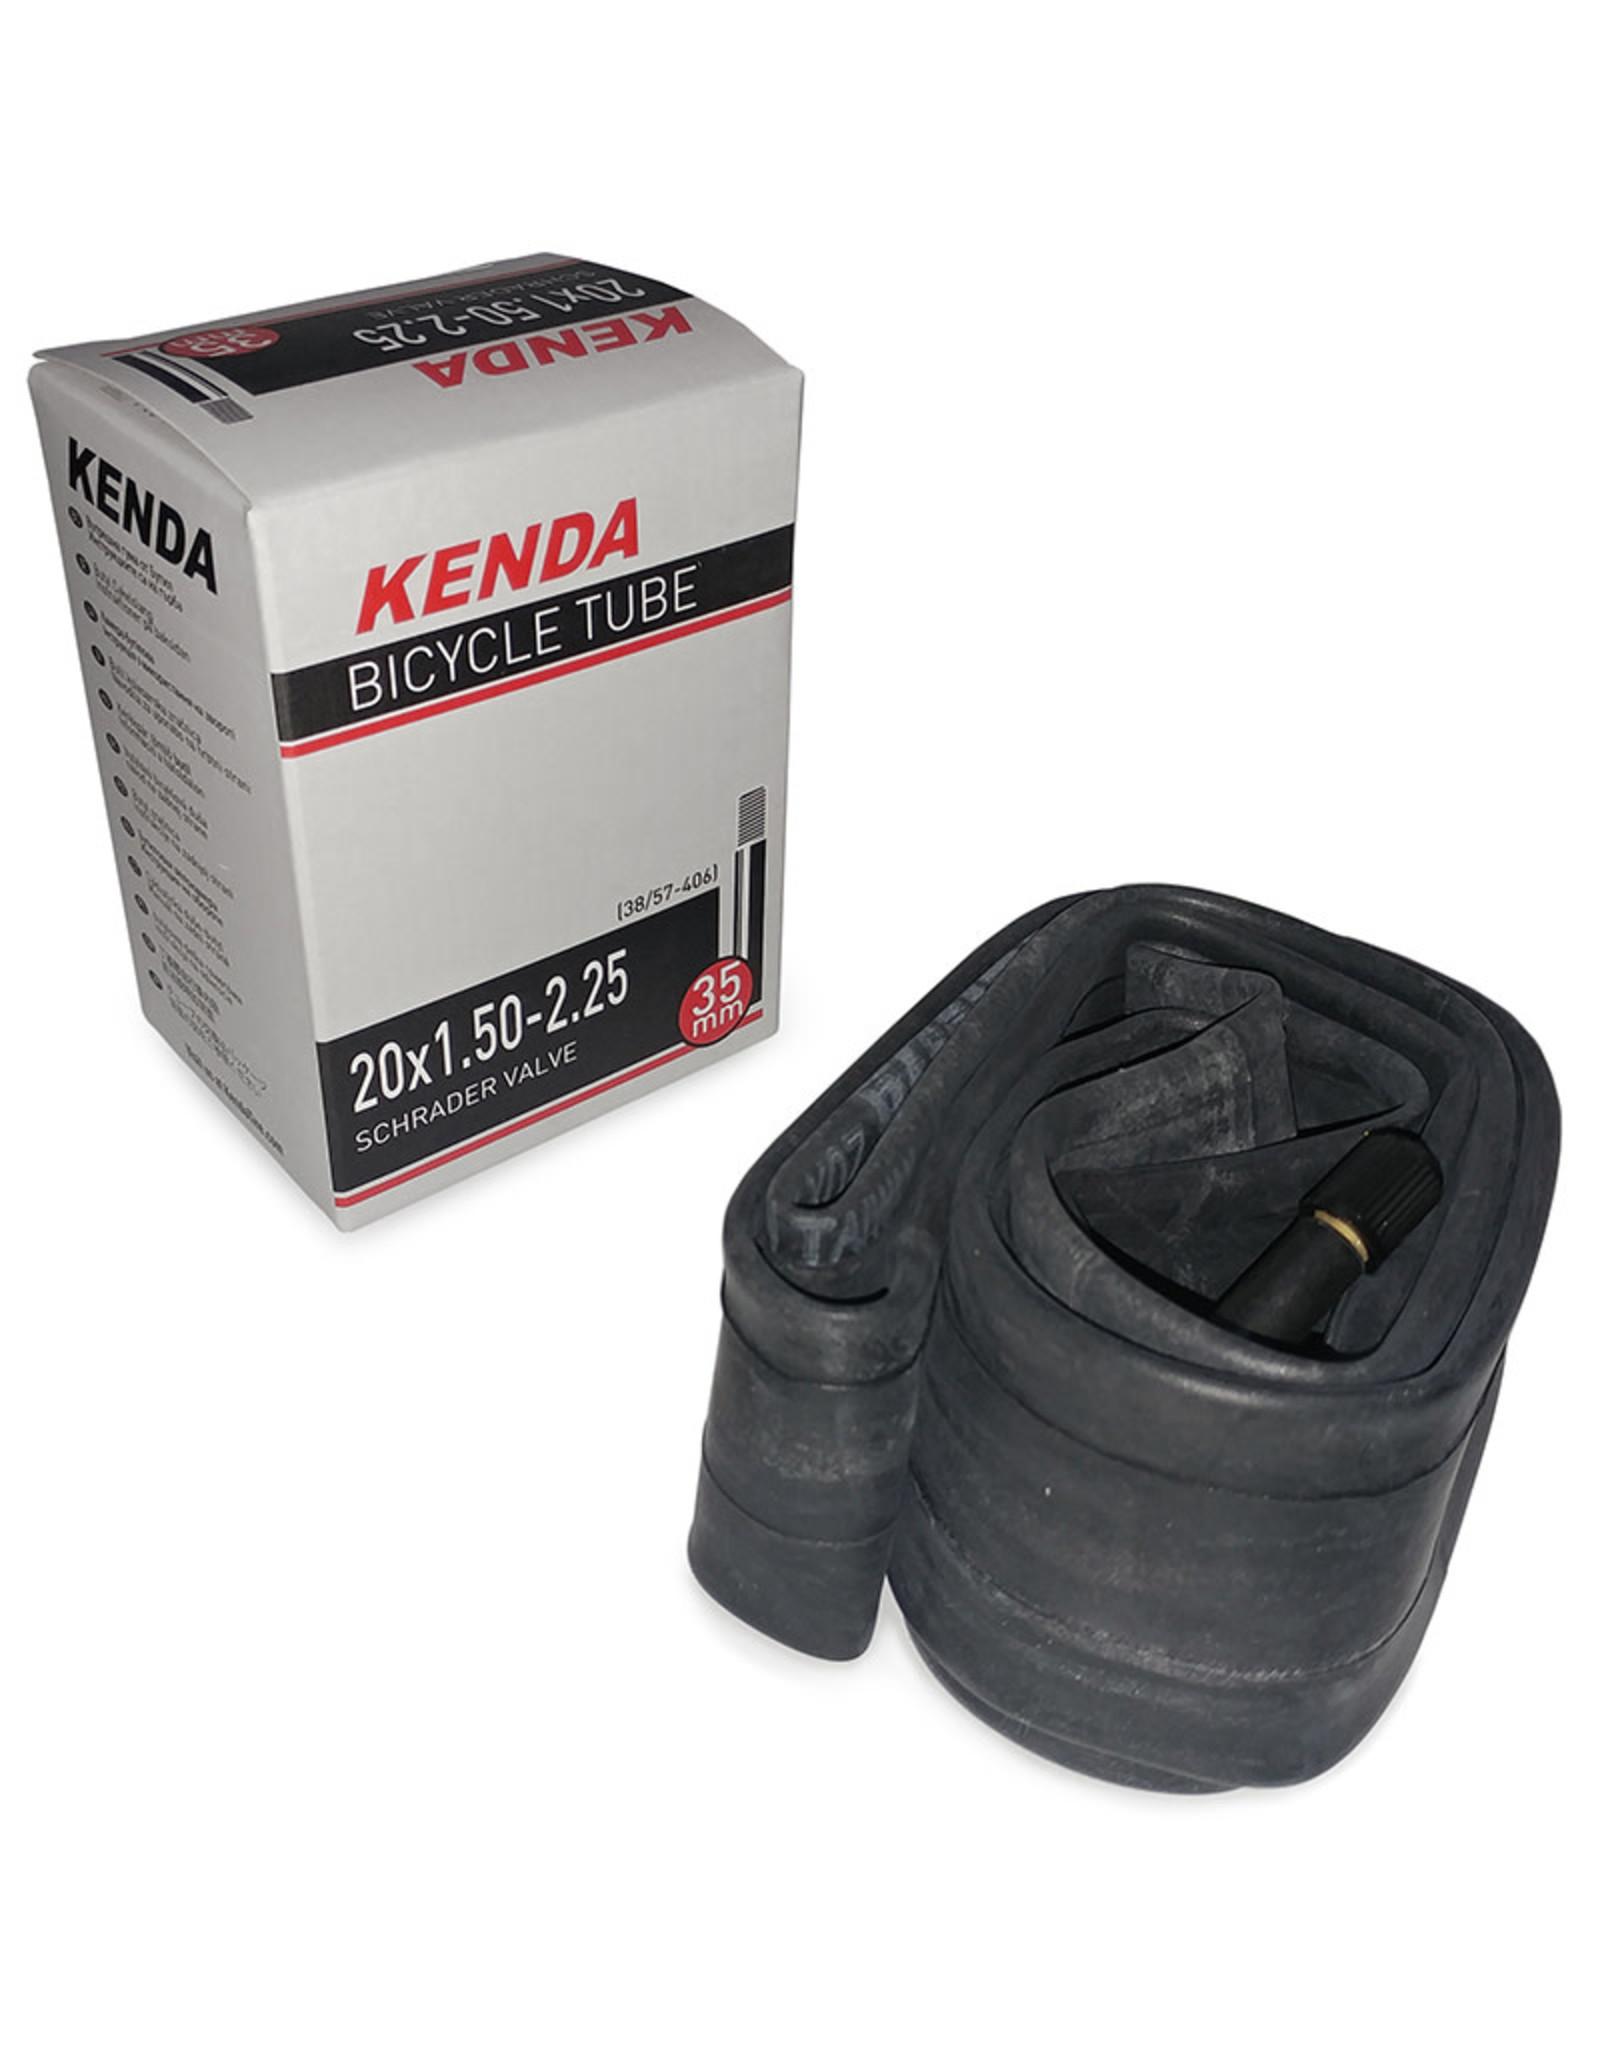 Kenda Chambre à air 20X1.50-1.75